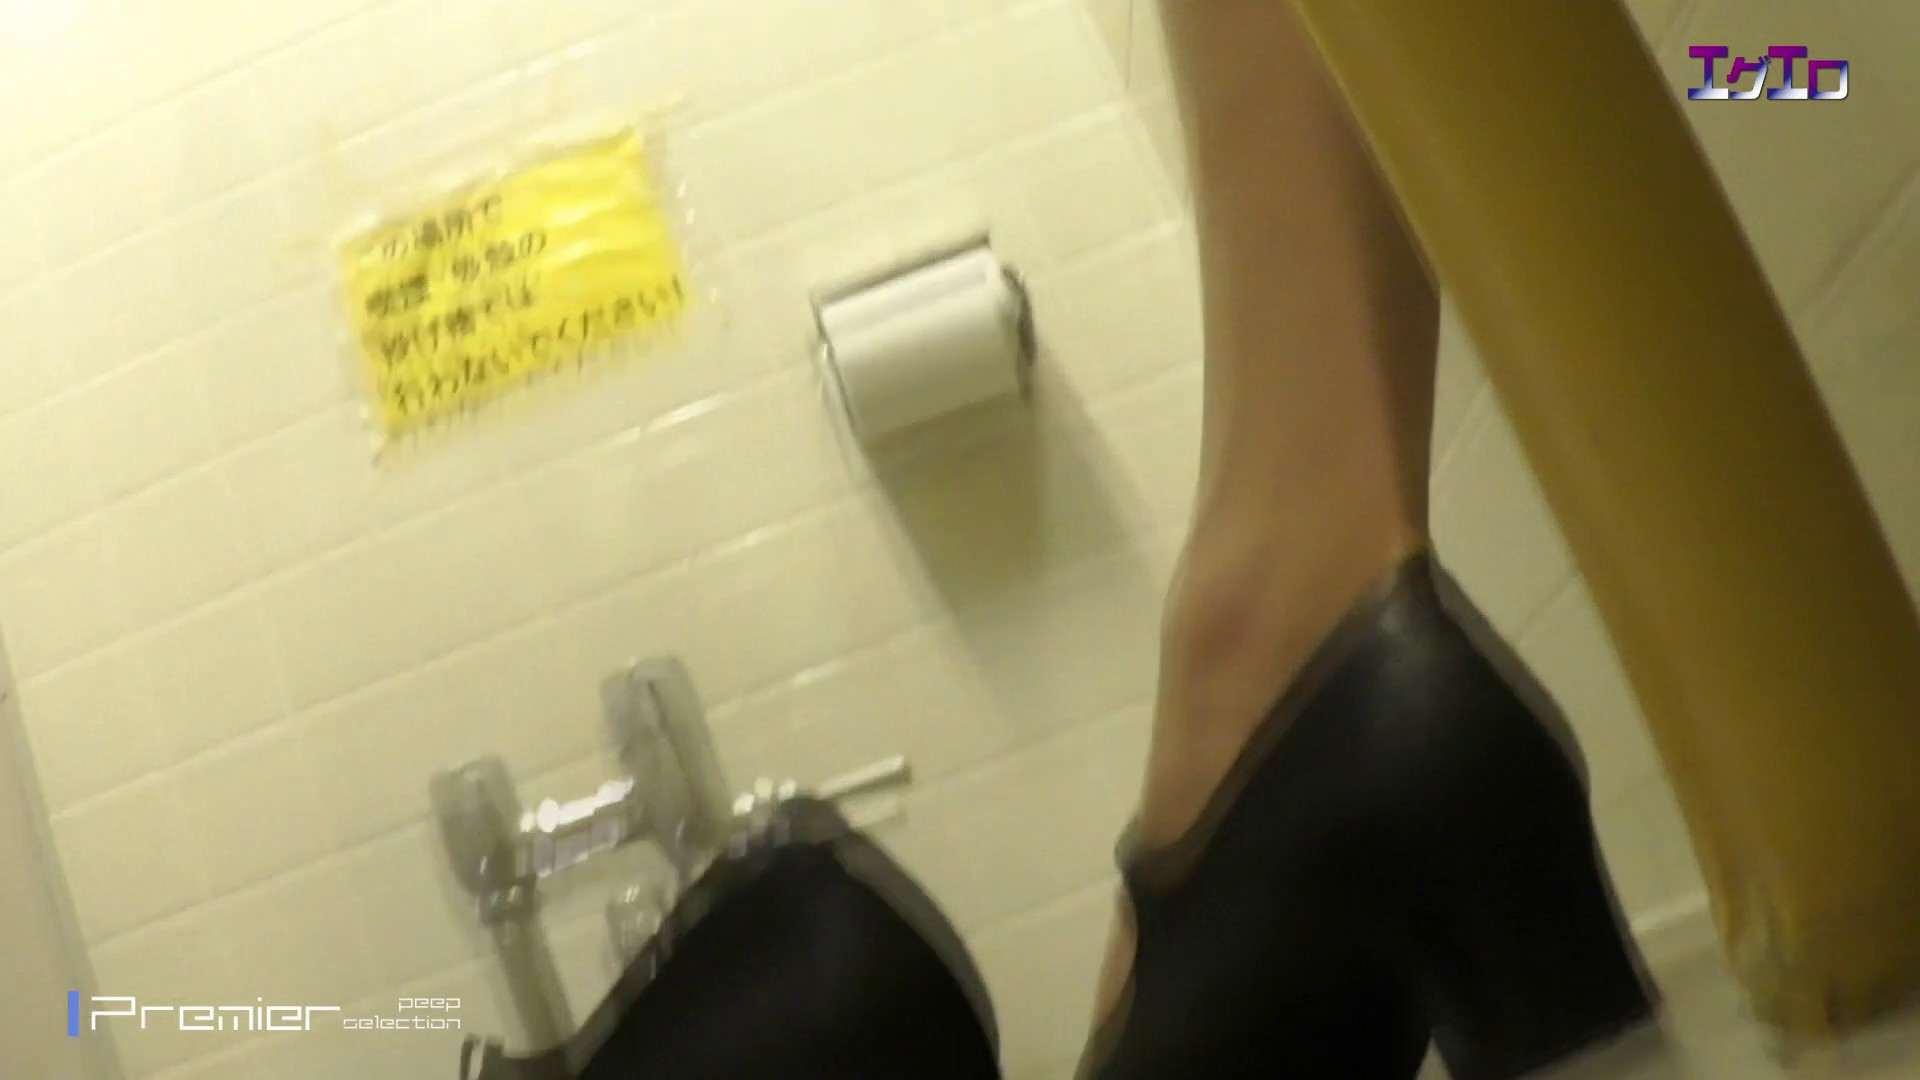 執念の撮影&追撮!!某女子校の通学路にあるトイレ 至近距離洗面所 Vol.16 美肌  84PIX 60